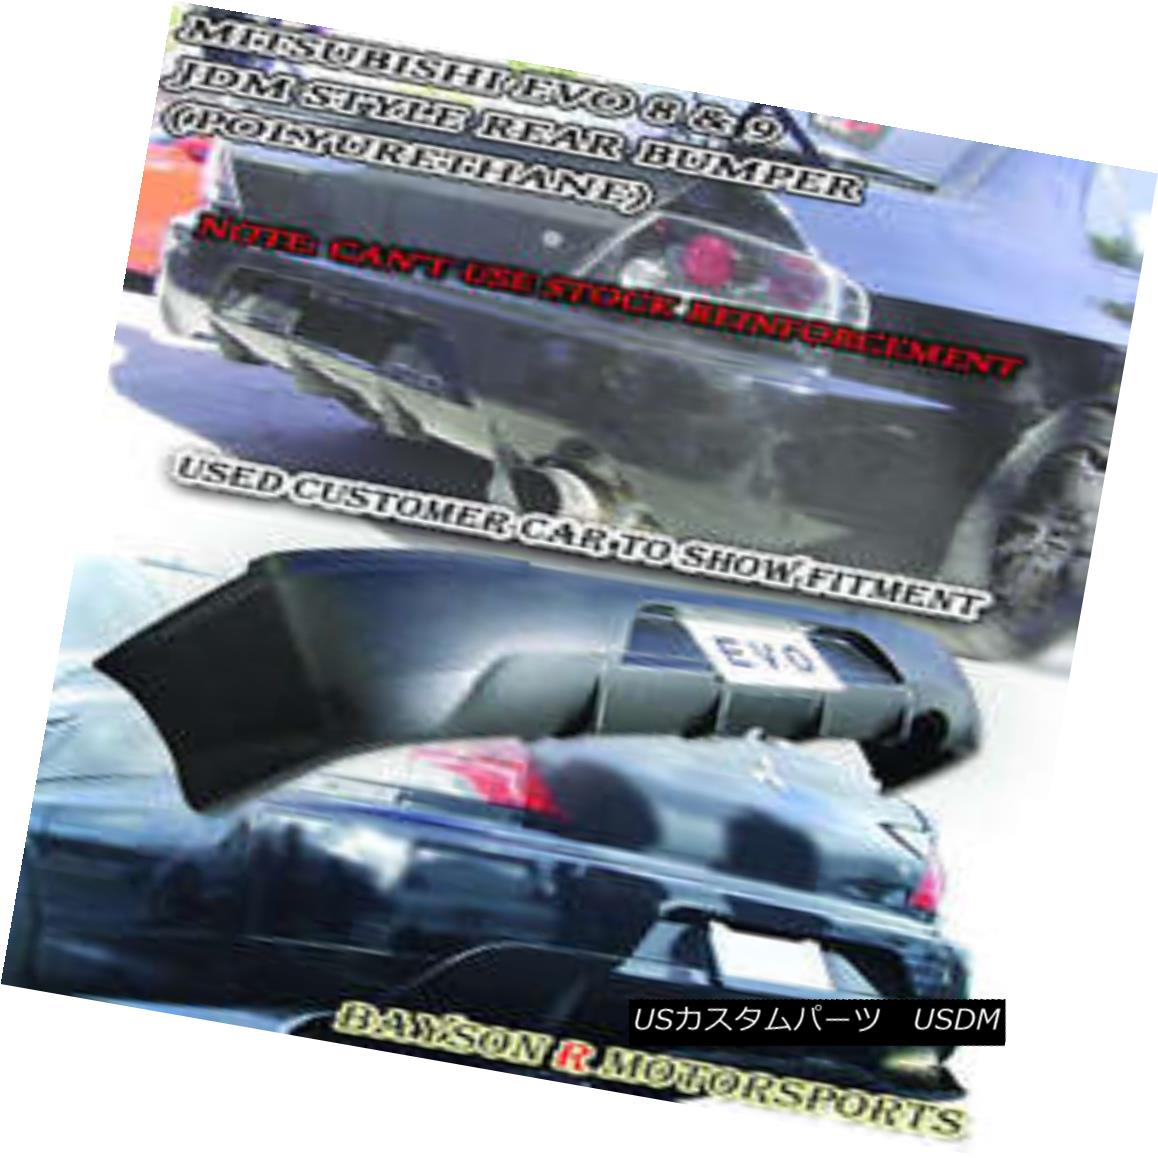 エアロパーツ JDM Style Rear Bumper Cover (Urethane) Fits 03-07 Mitsubishi EVO 8 9 JDMスタイルリアバンパーカバー(ウレタン)適合03-07三菱EVO 8 9